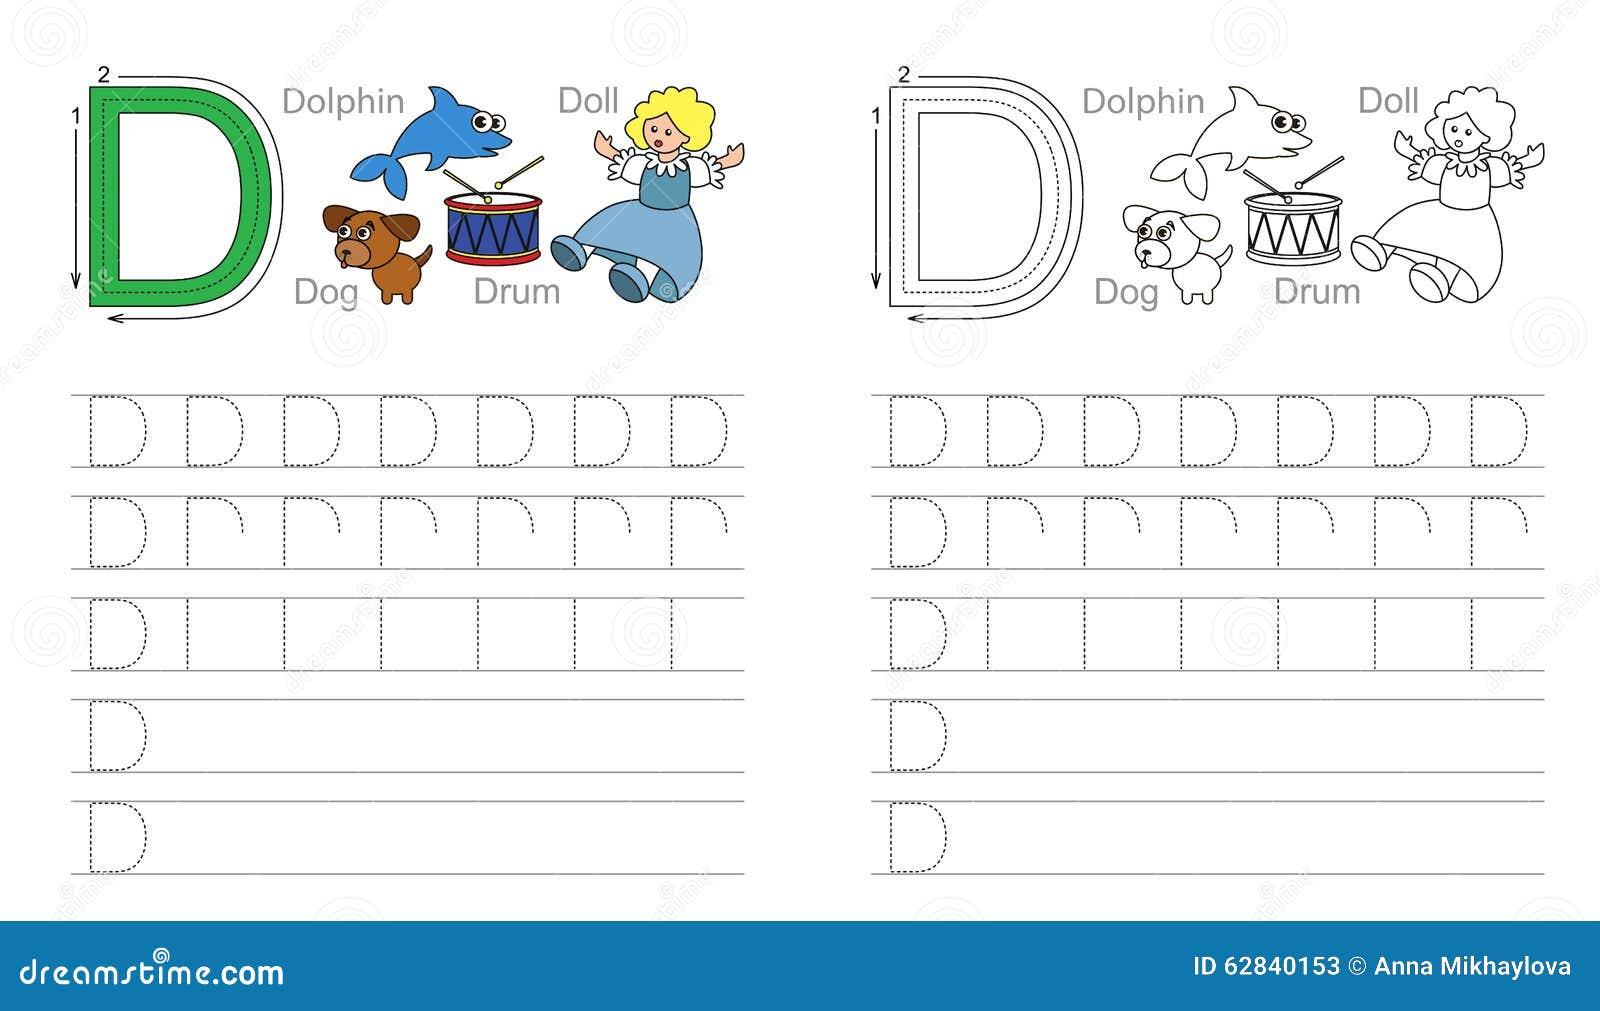 Vistoso Hoja De Trabajo Kidzone Ornamento - Enmarcado Para Colorear ...